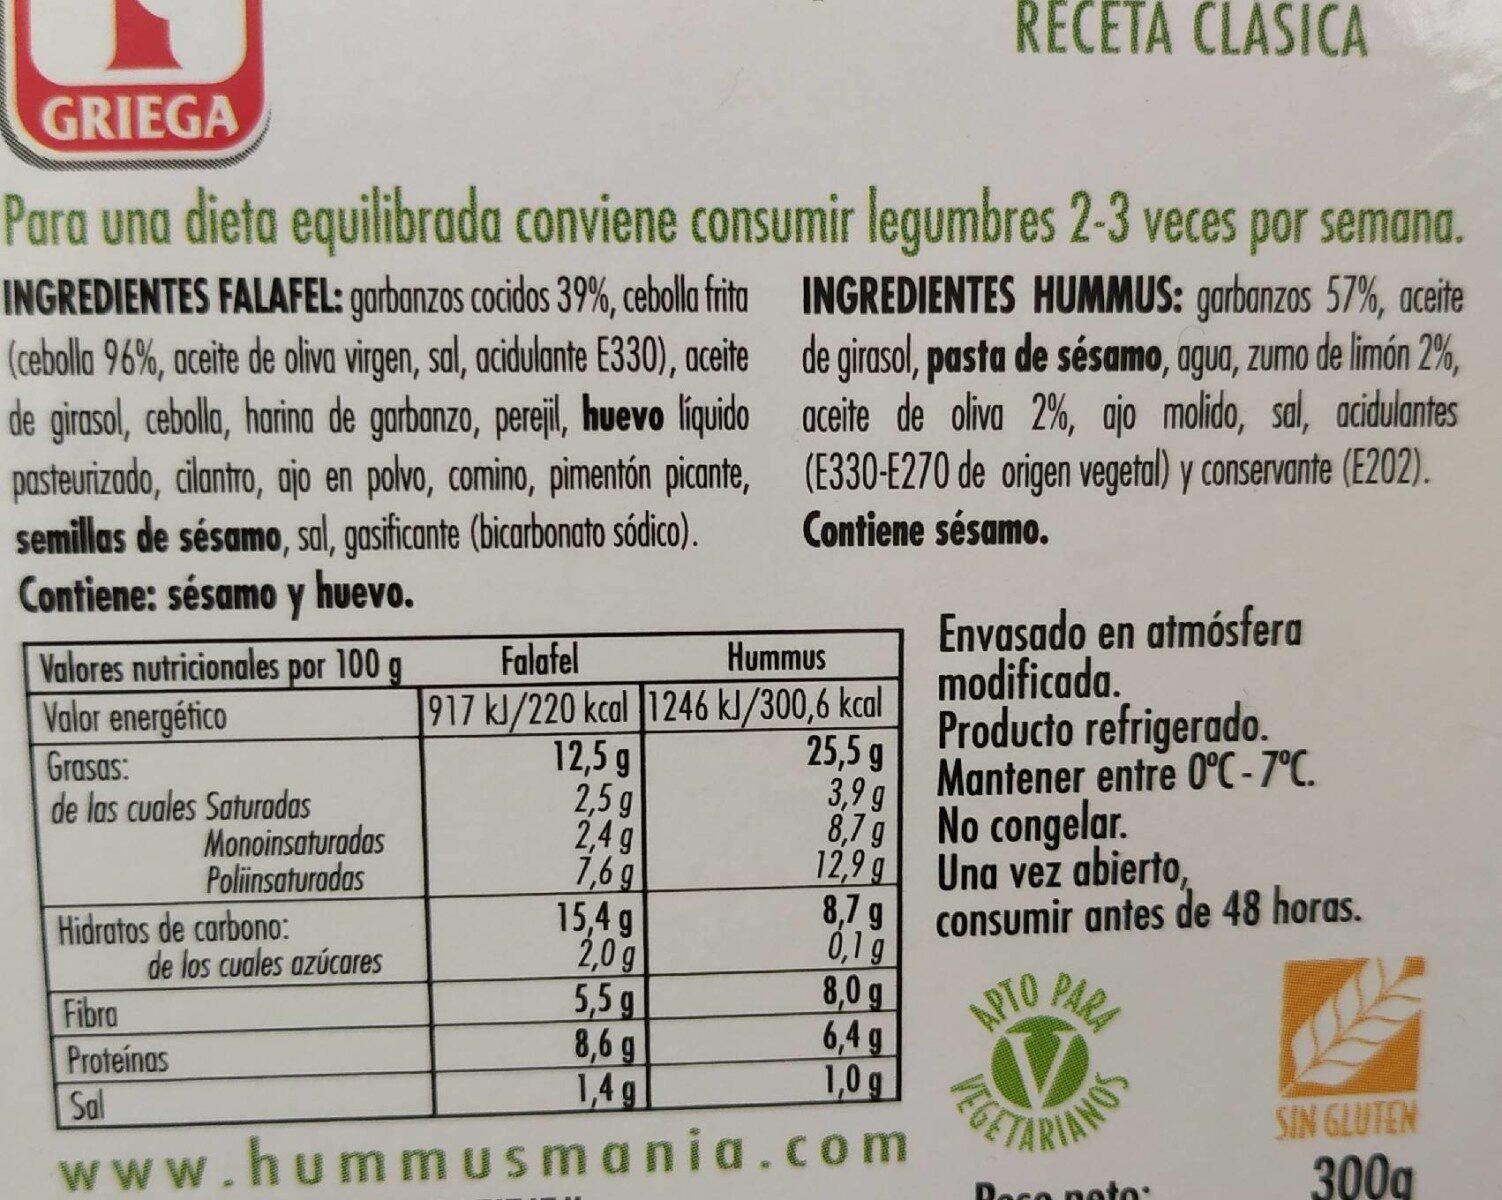 FALAFEL plus HUMMUS RECETA CLASICA - Información nutricional - es